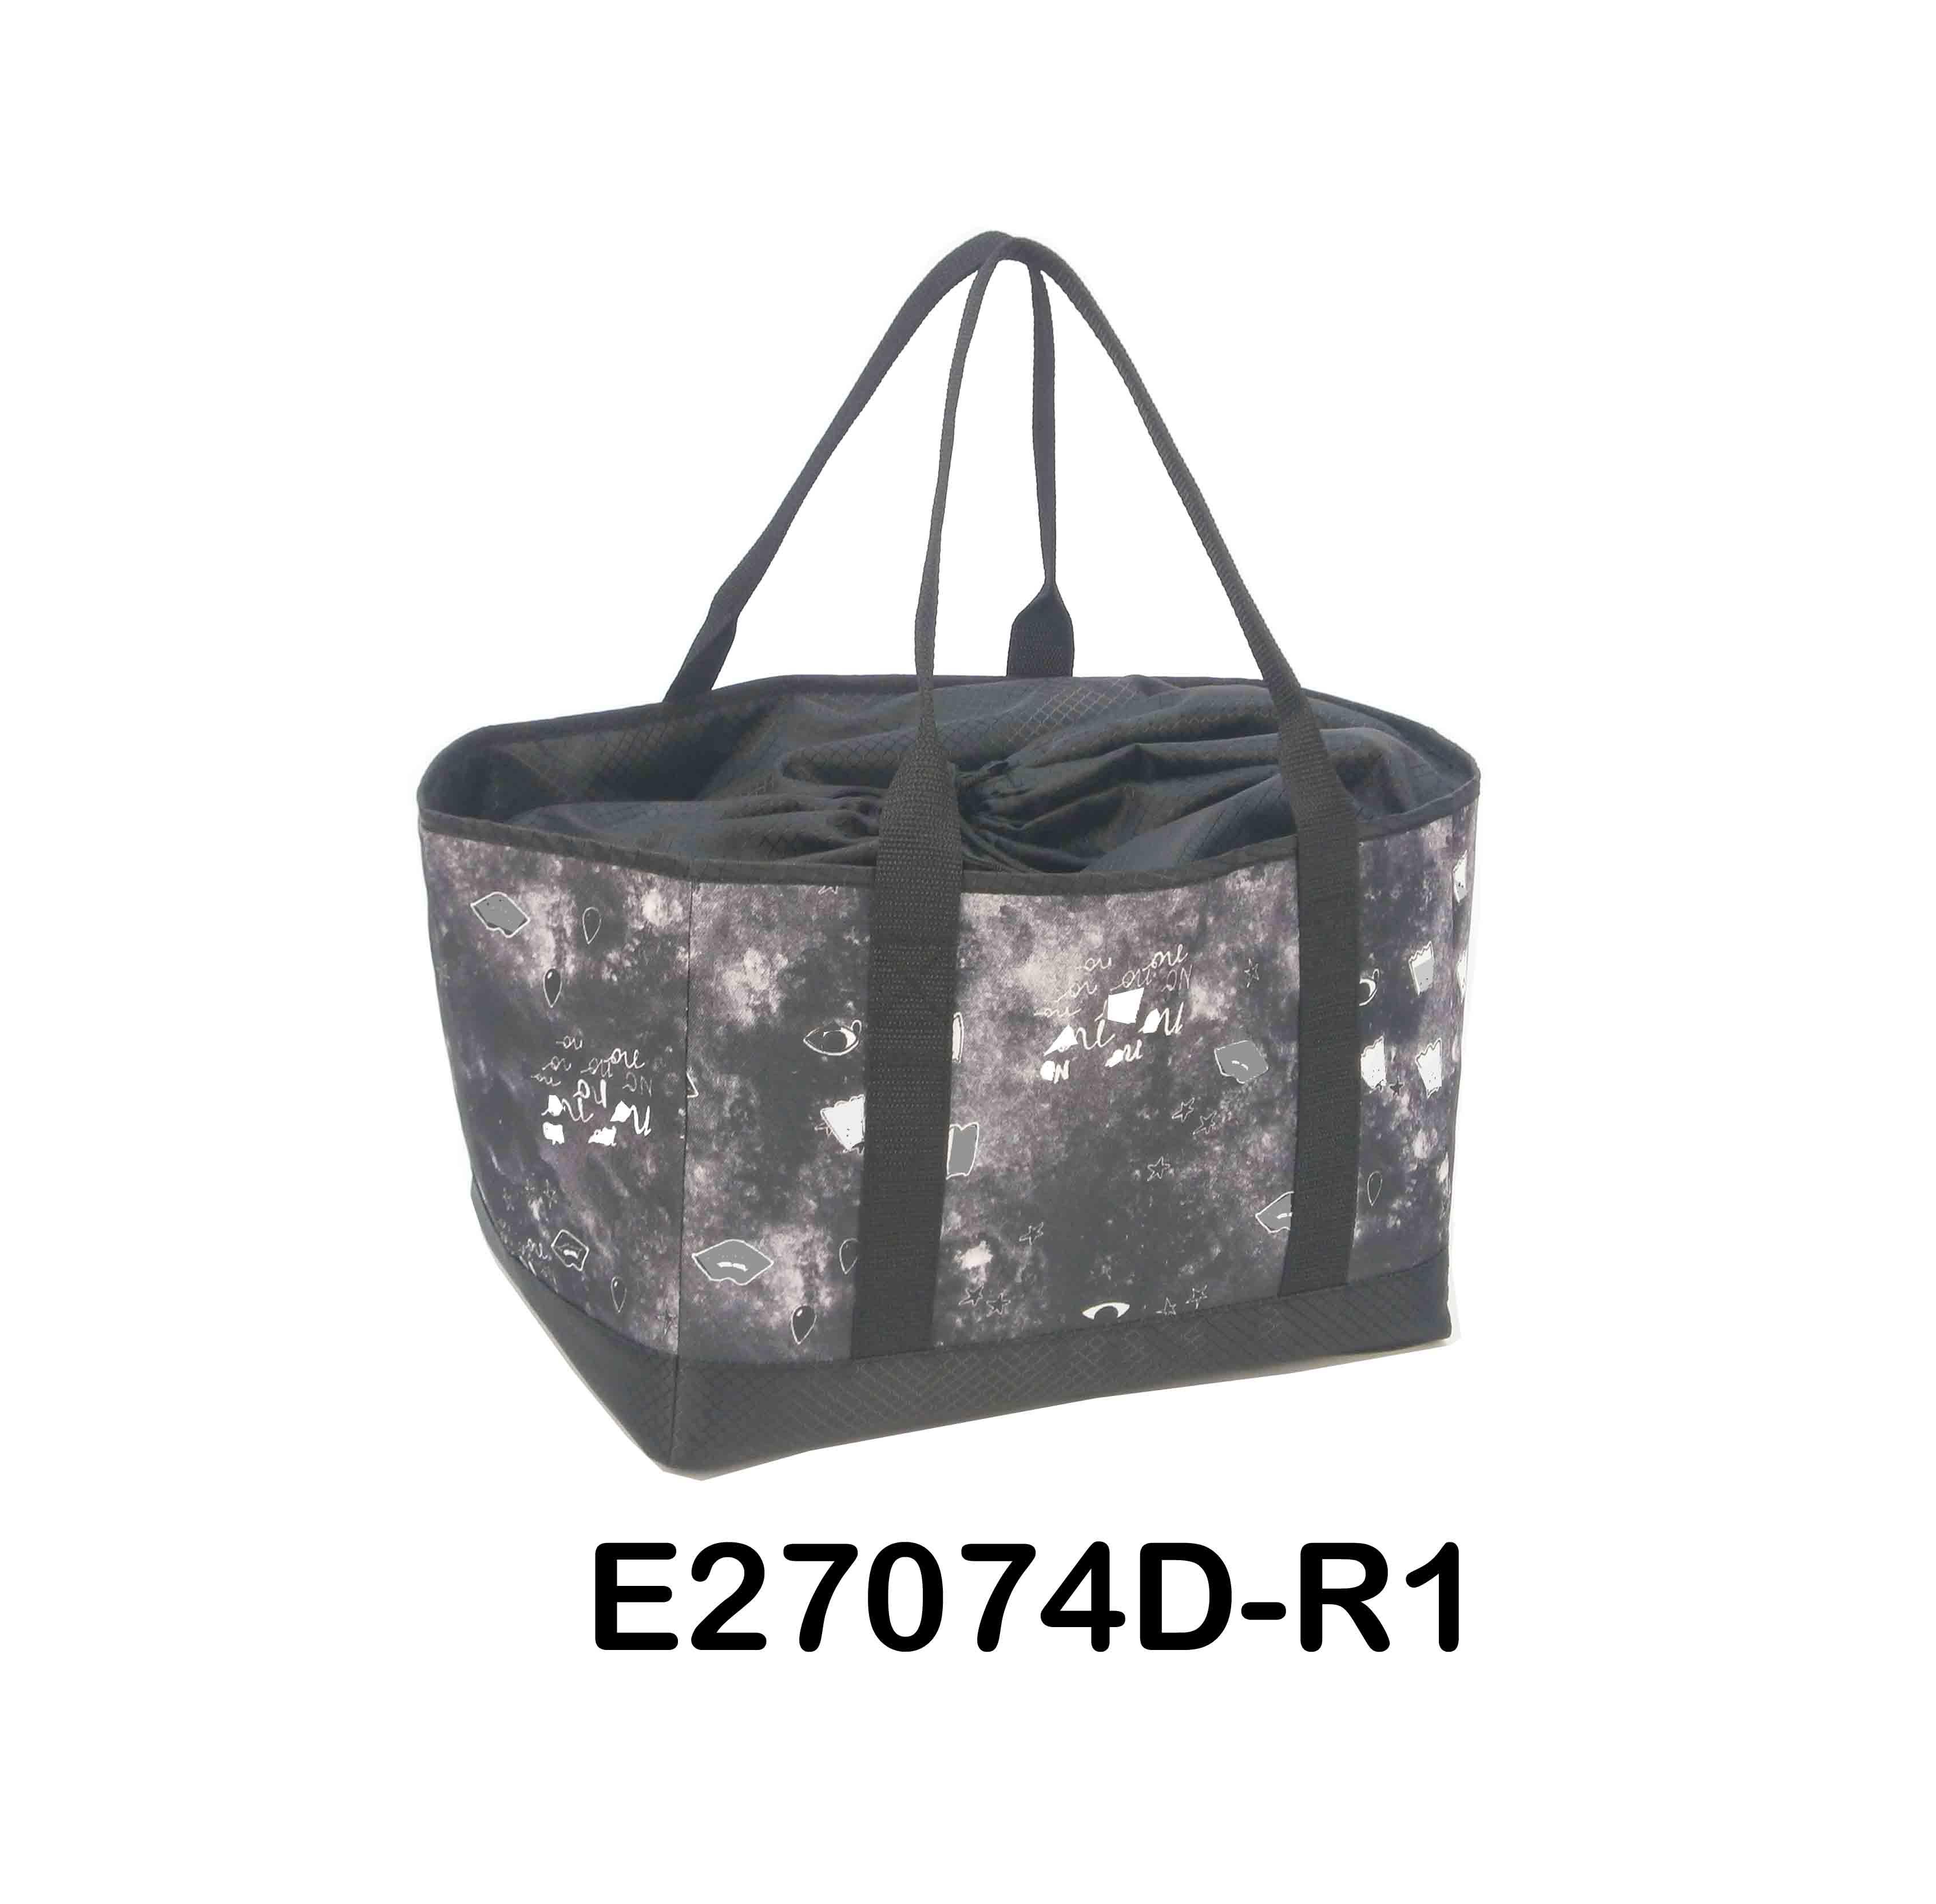 E27074D-R1